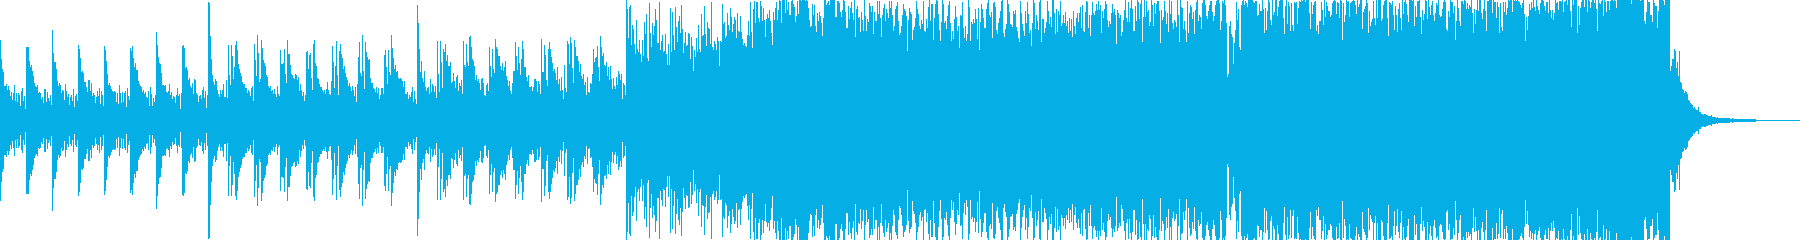 パワフルで高揚感のあるピアノEDMの再生済みの波形